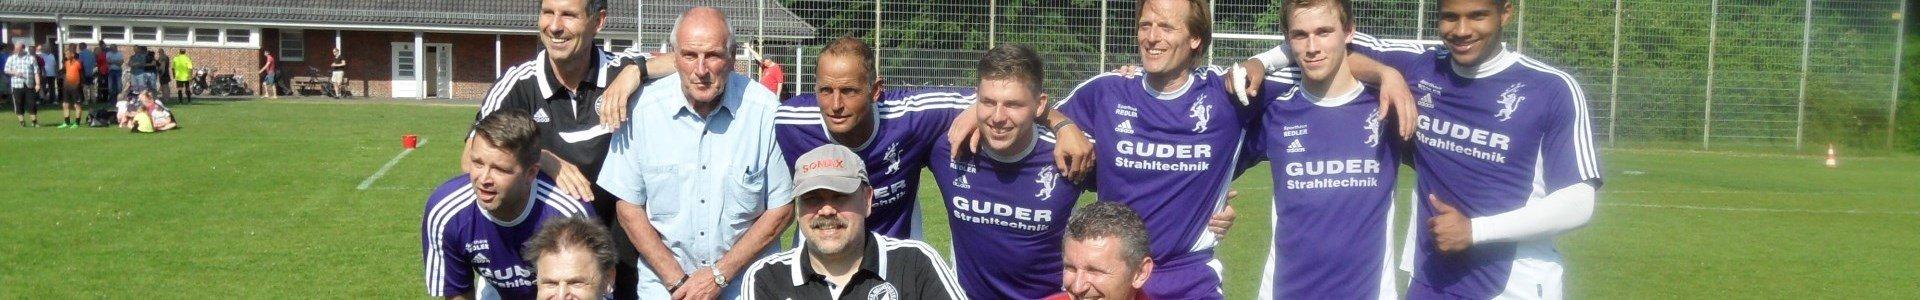 Children Cup 2014